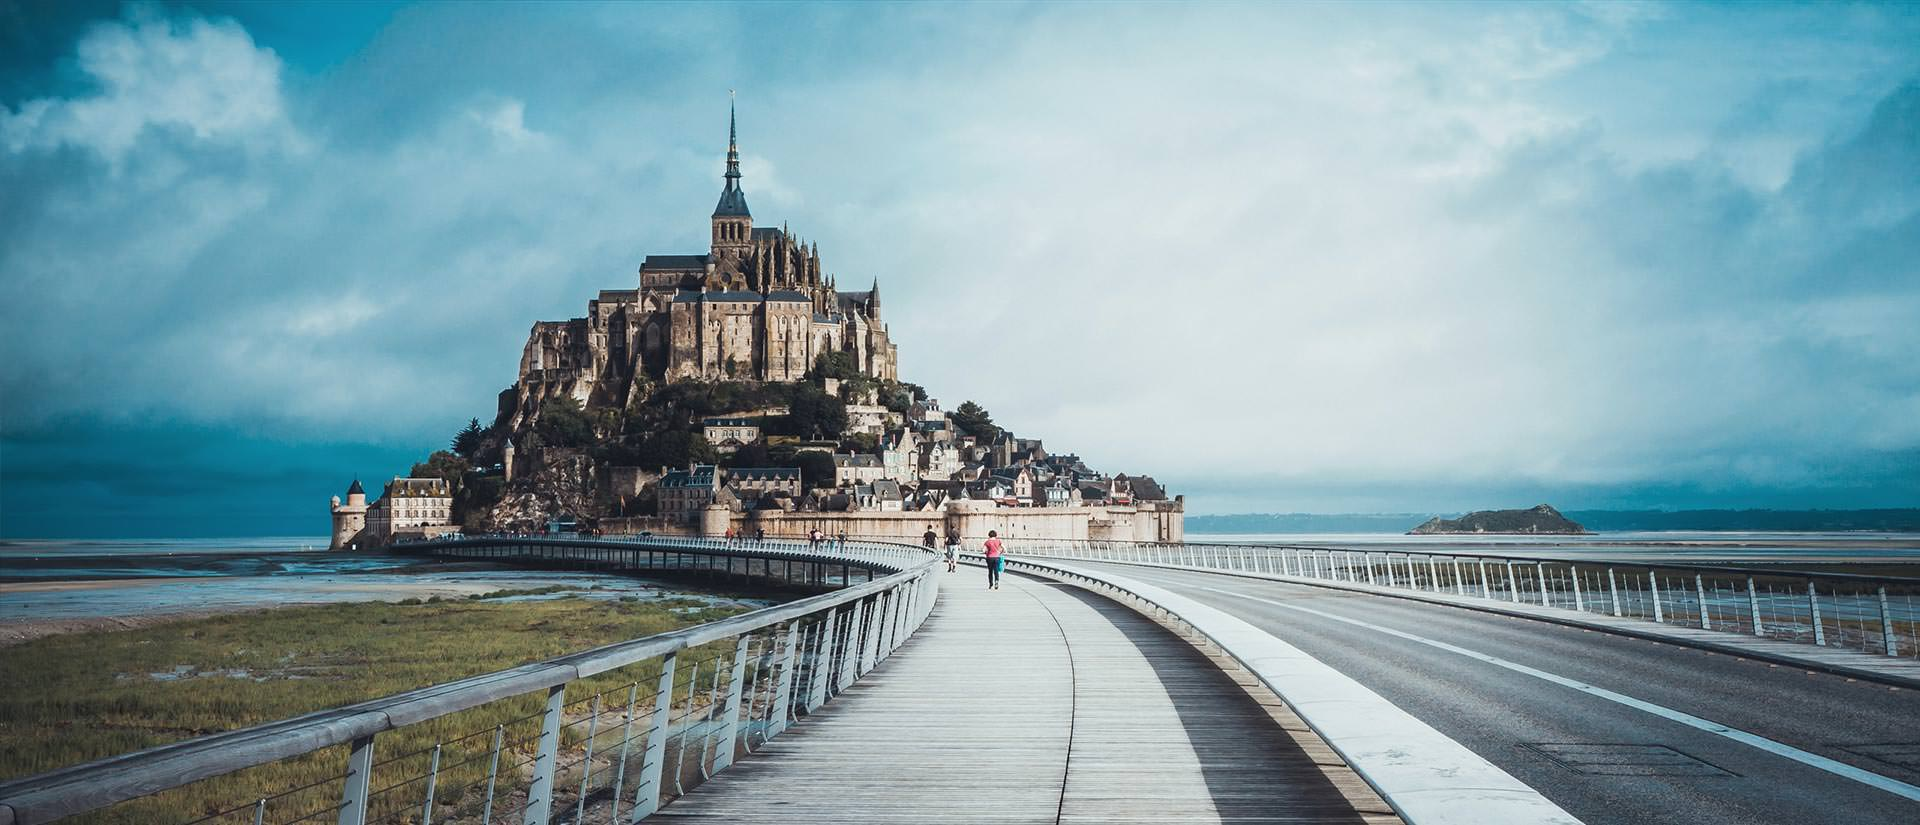 טיול לדרום צרפת - 8 ימים - אל הרומנטיקה בחגיגות הקרנבל בניס ופסטיבל הלימון במנטון